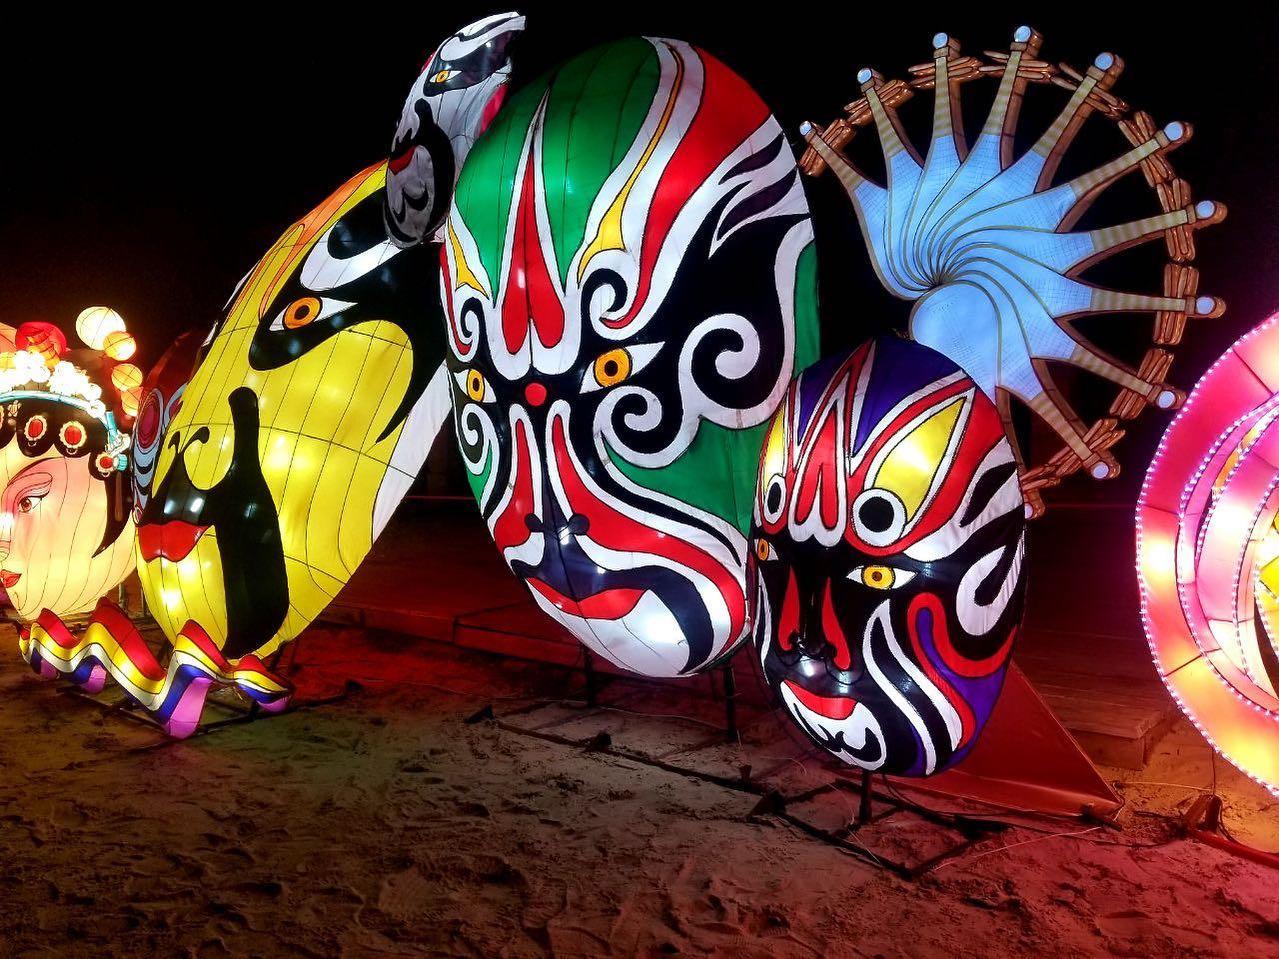 Гигантские китайские фонари: в Буковеле создадут городок световых инсталляций — фото 1